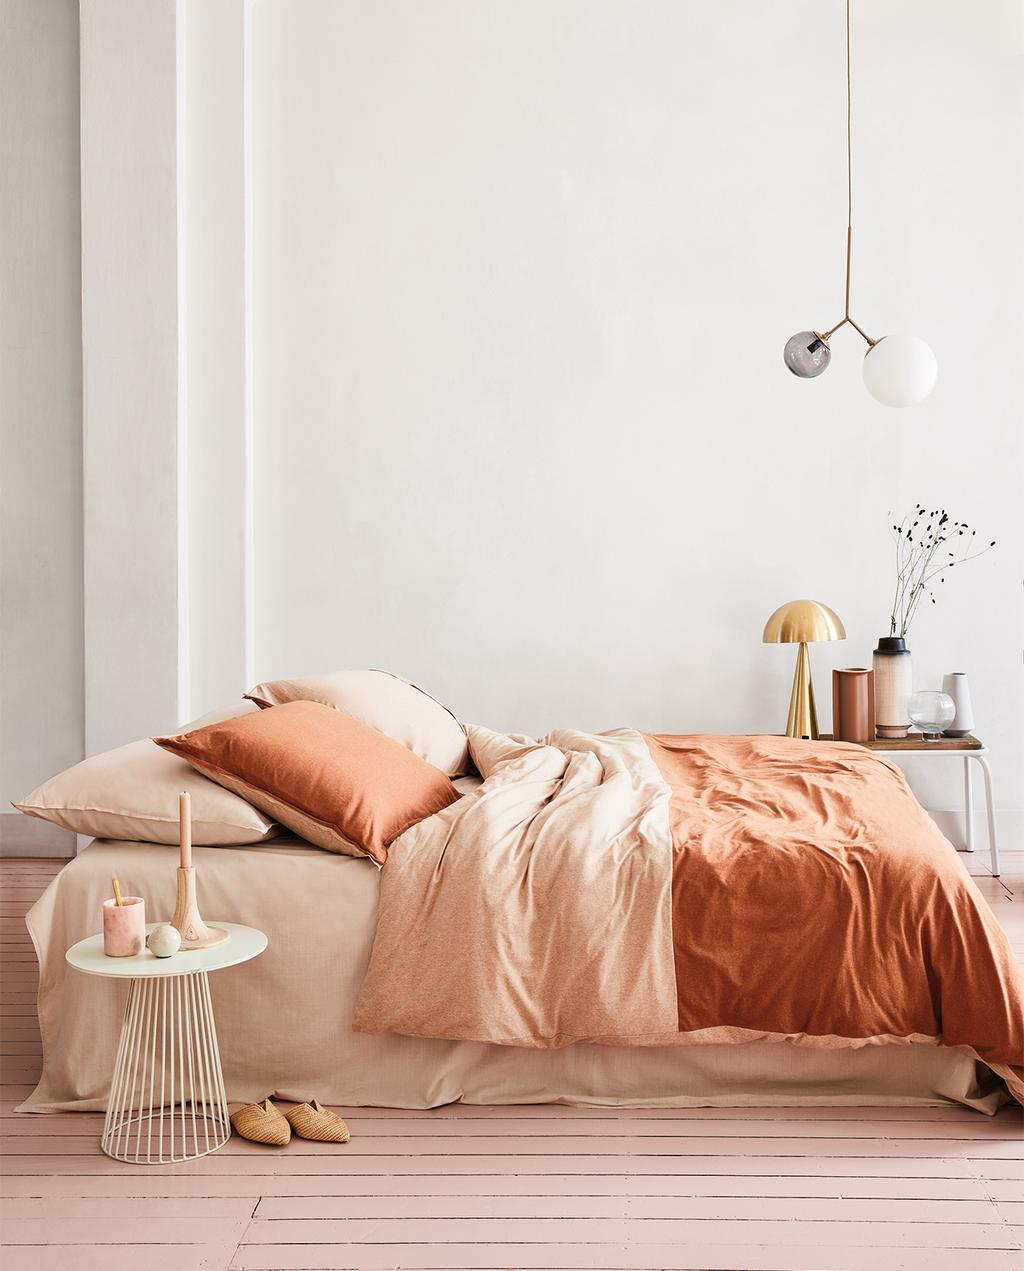 vtwonen 05-2020 | slaapkamer met bed en oranje dekbedovertrek